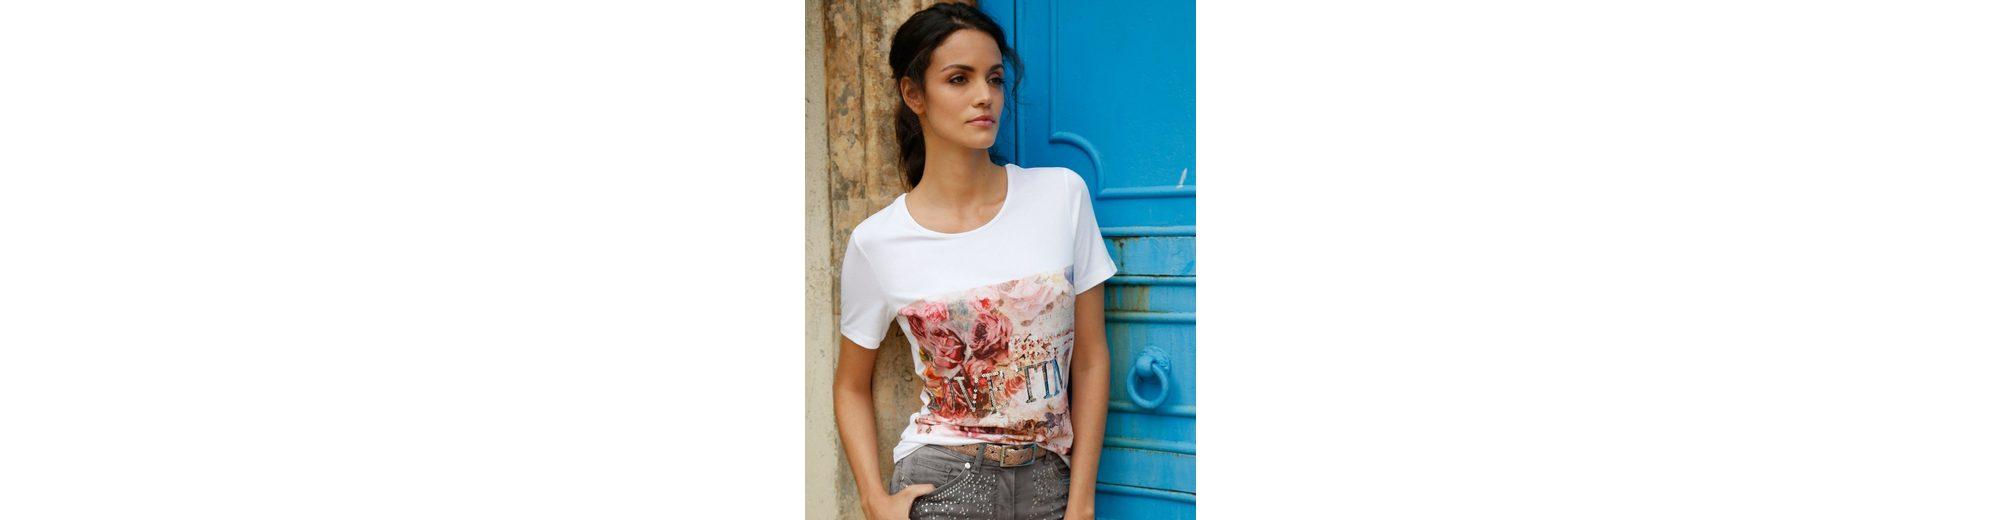 Amy Vermont Shirt mit floralem Druck Günstig Kaufen Wahl Spielraum Mit Mastercard Billig Verkauf Fabrikverkauf Online-Verkauf Freies Verschiffen Neuestes F8GeHAi4